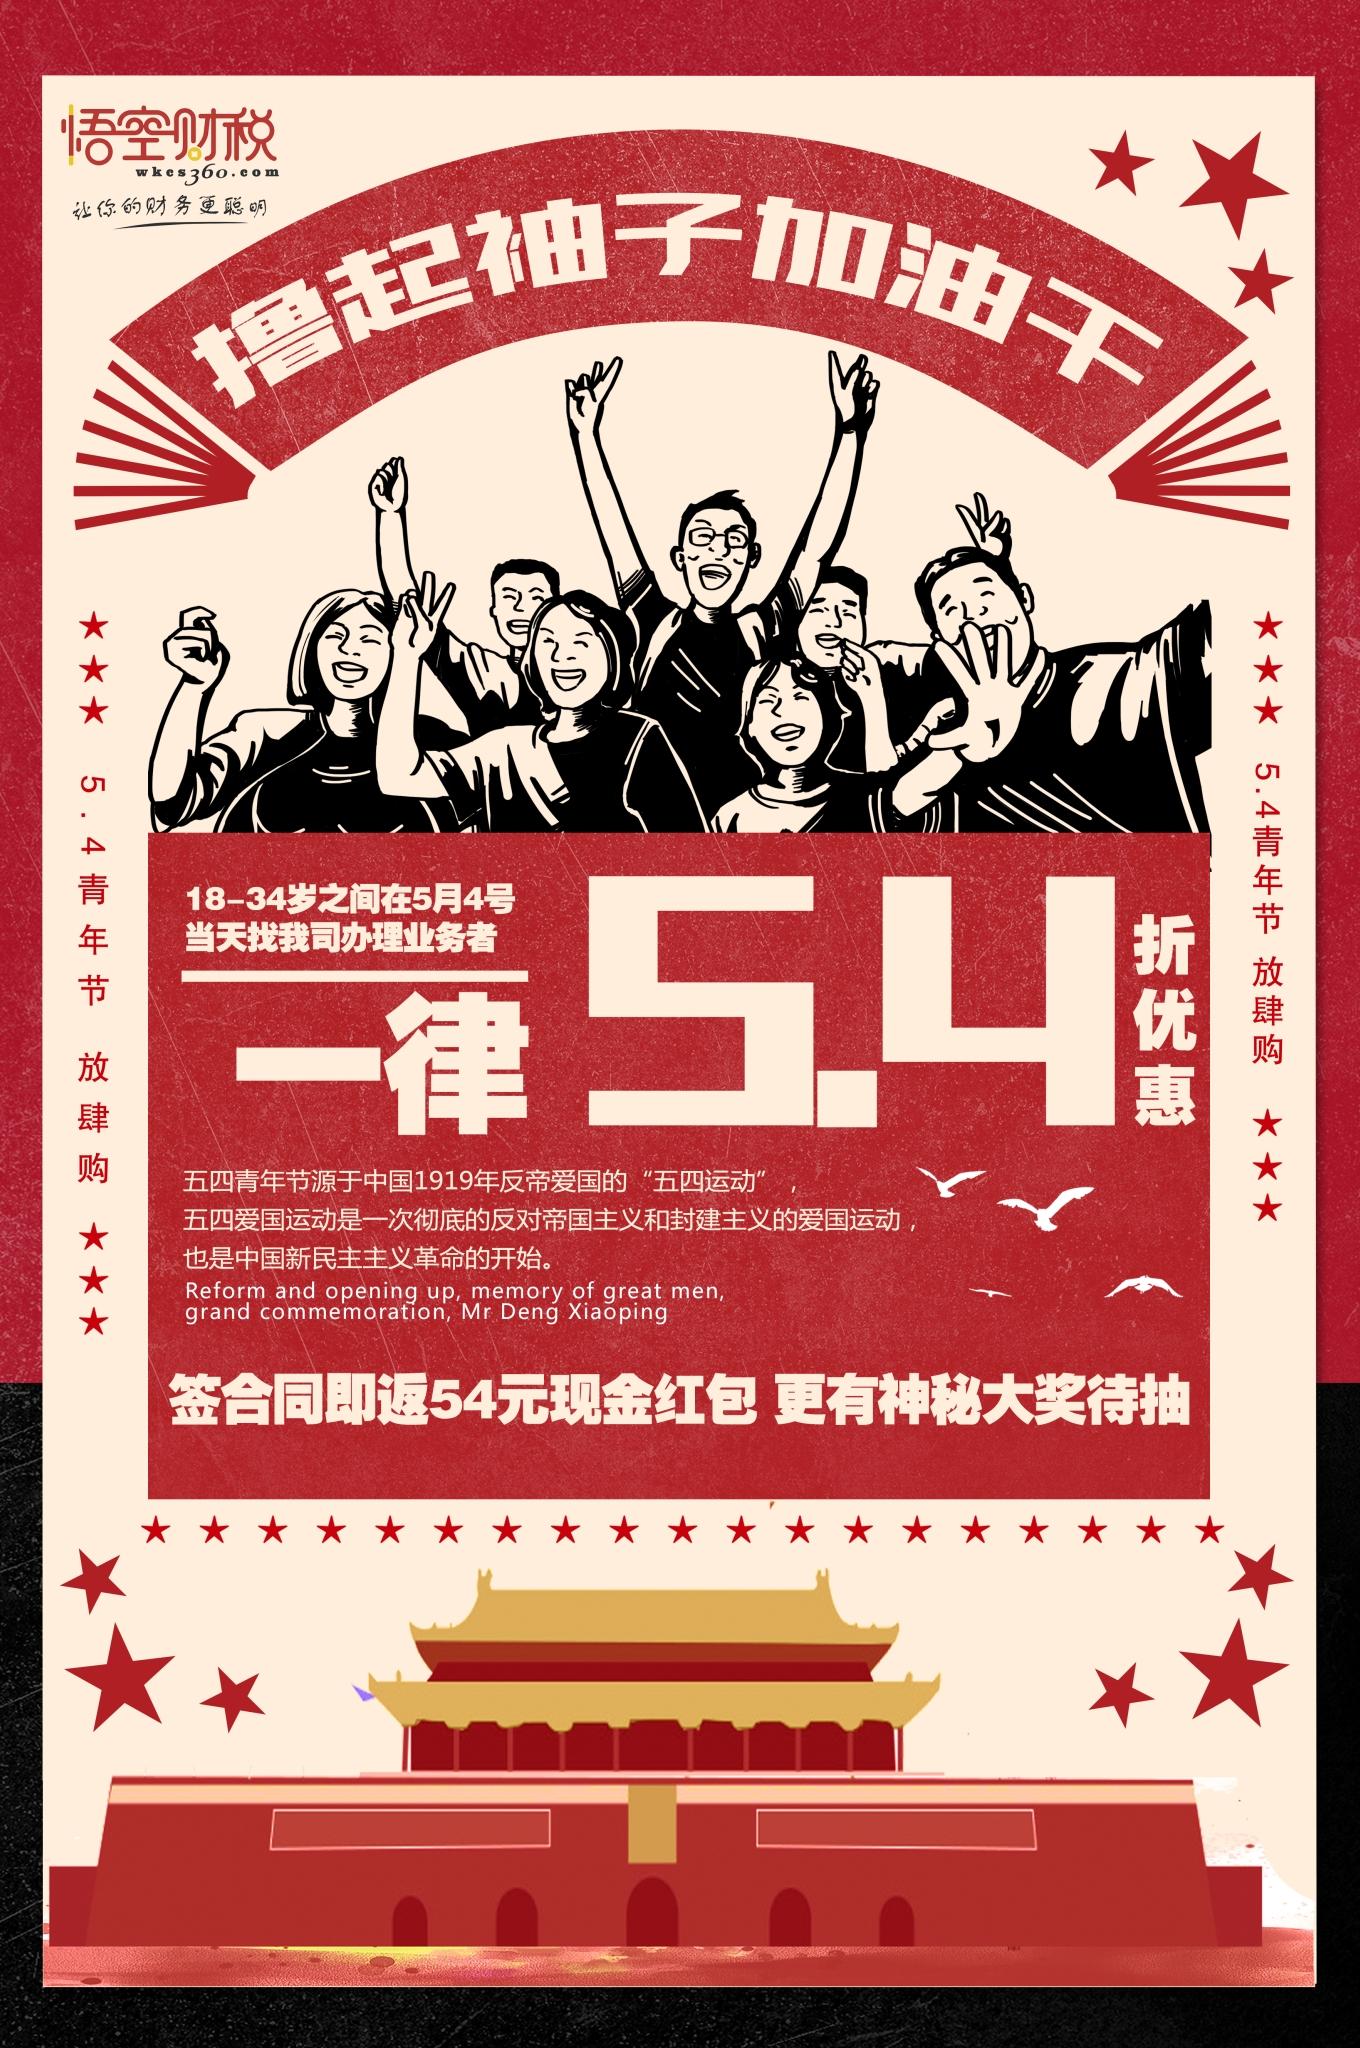 五四青年节之青春正当时 不予负流年